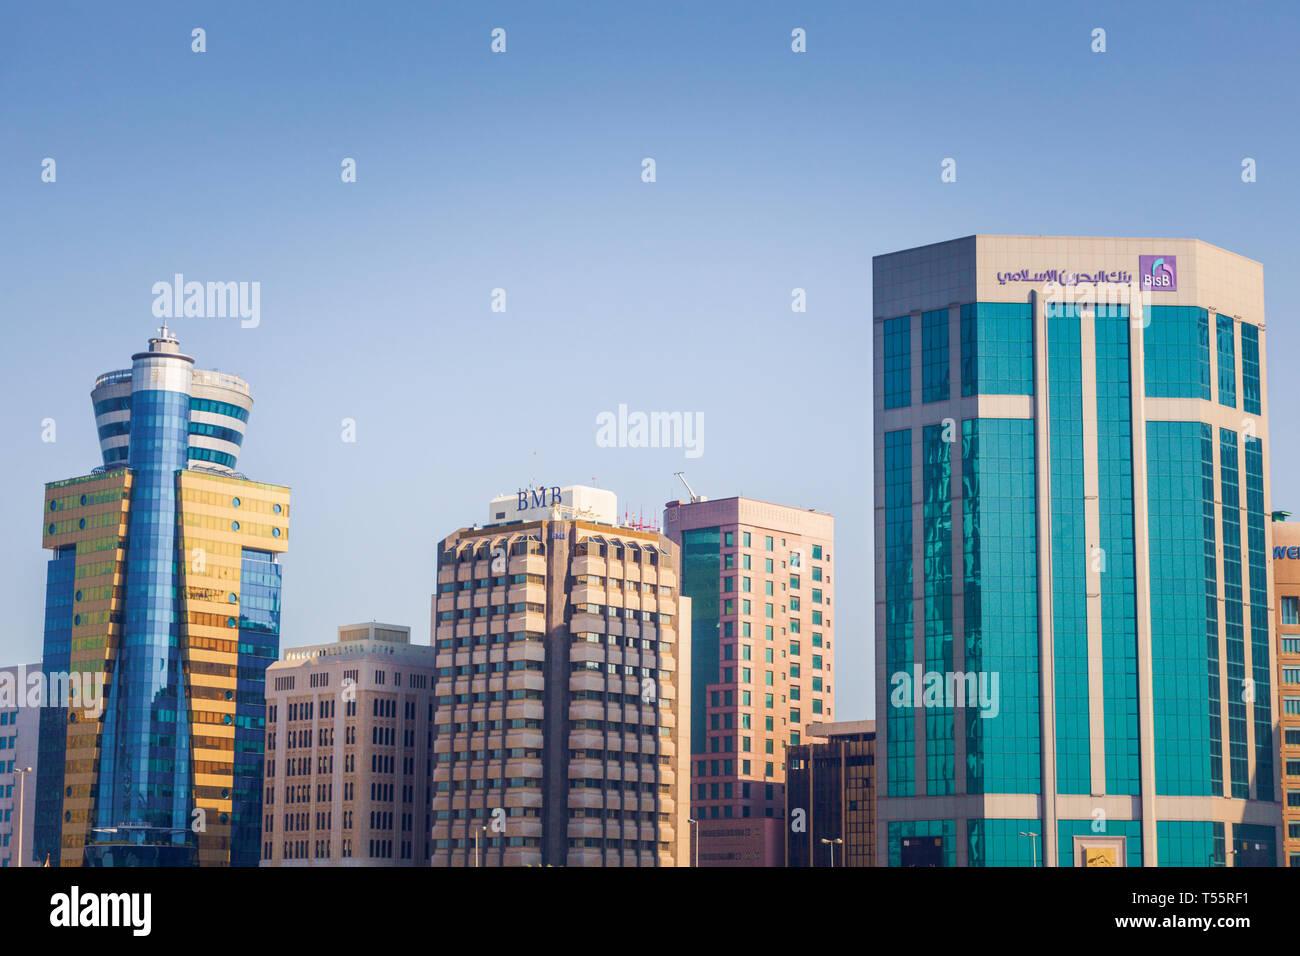 Skyline della città a Manama, Bahrain Immagini Stock